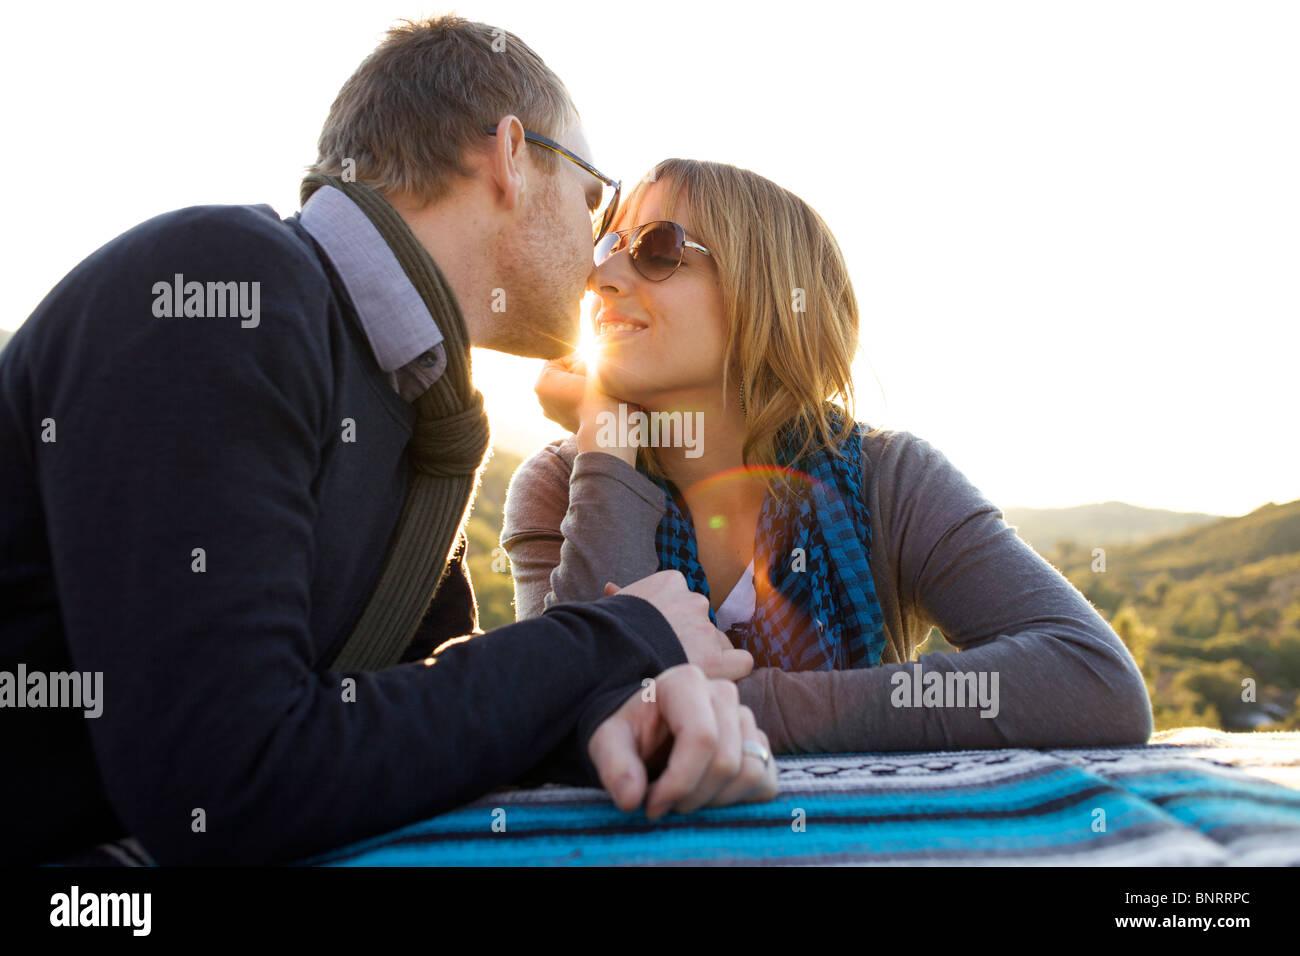 Paio di avvicinarsi gli uni agli altri per kiss sul lato della strada. Immagini Stock